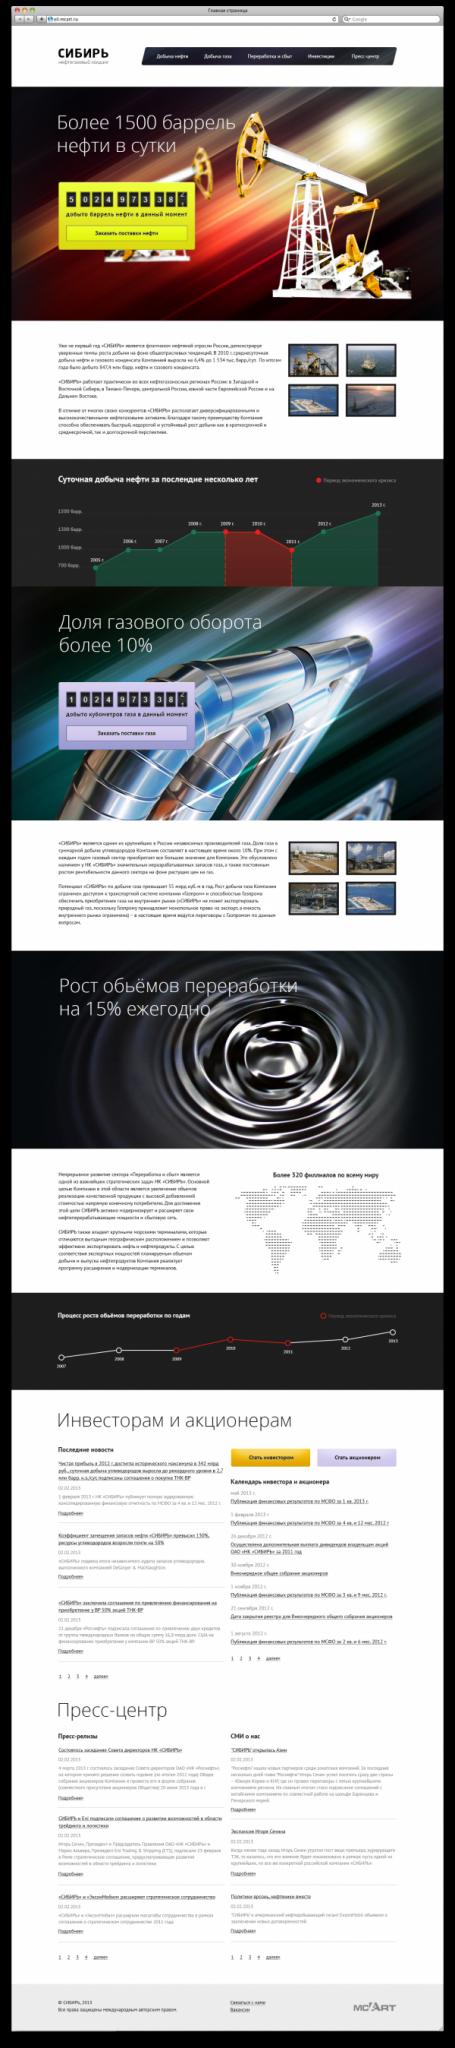 Главная страница типового сайт нефтегазовой компании